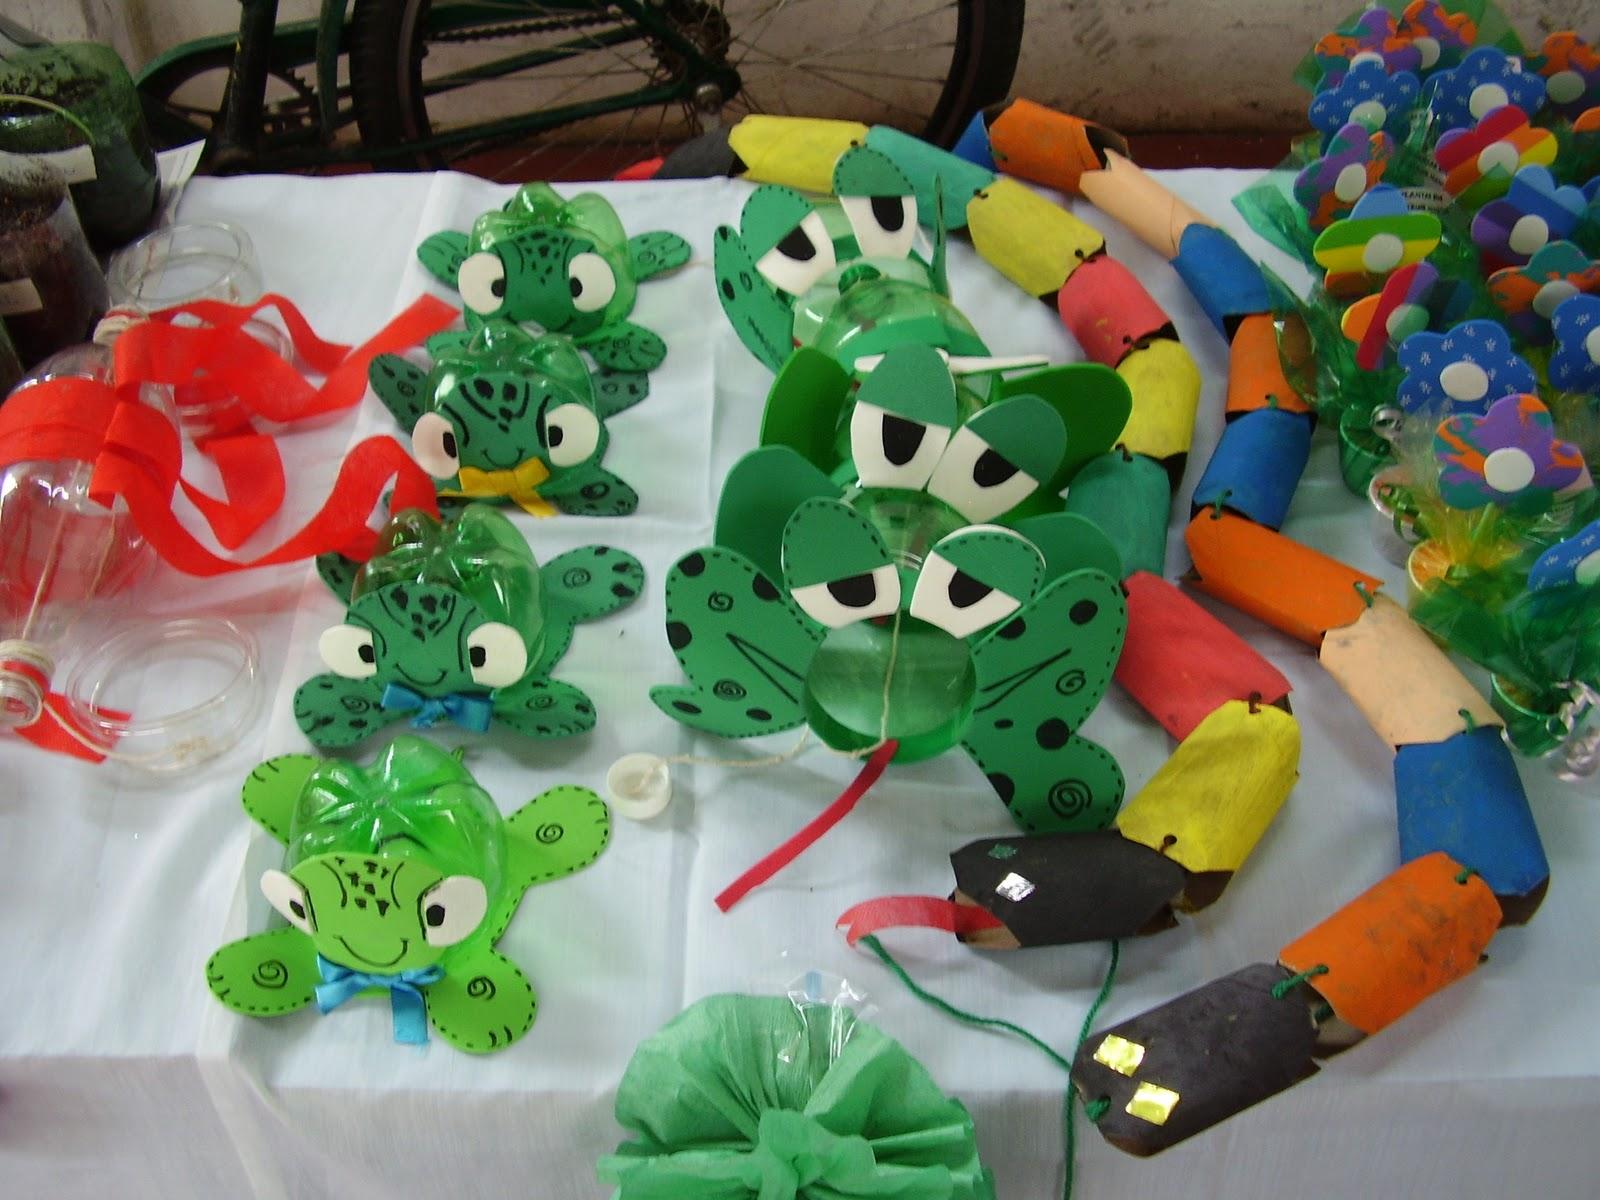 Brinquedos com material reciclado 4